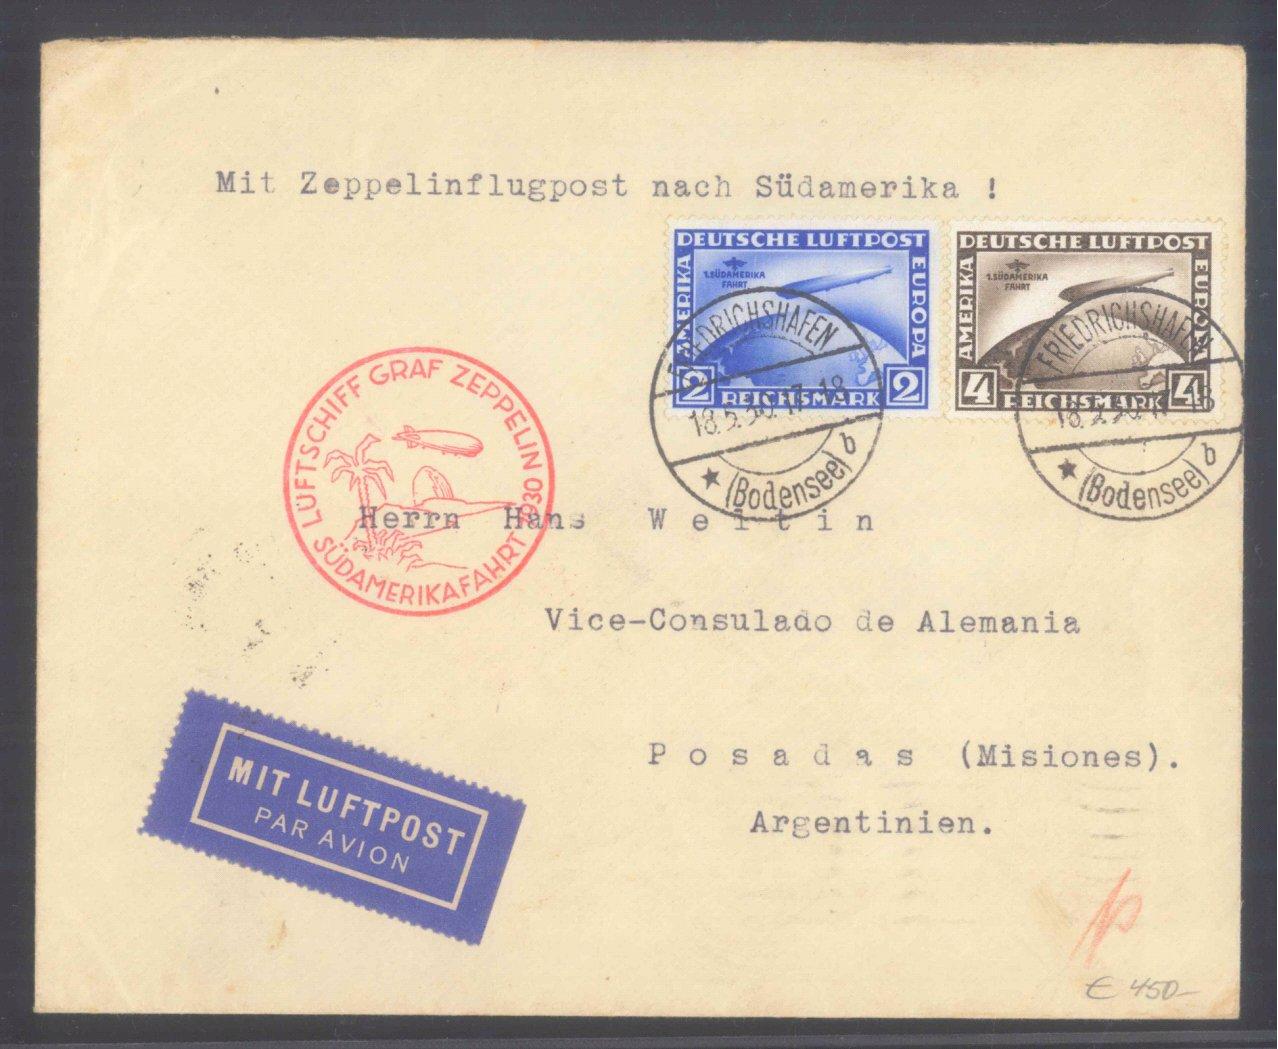 DEUTSCHES REICH 1930, ZEPPELIN SÜDAMERIKA-FAHRT